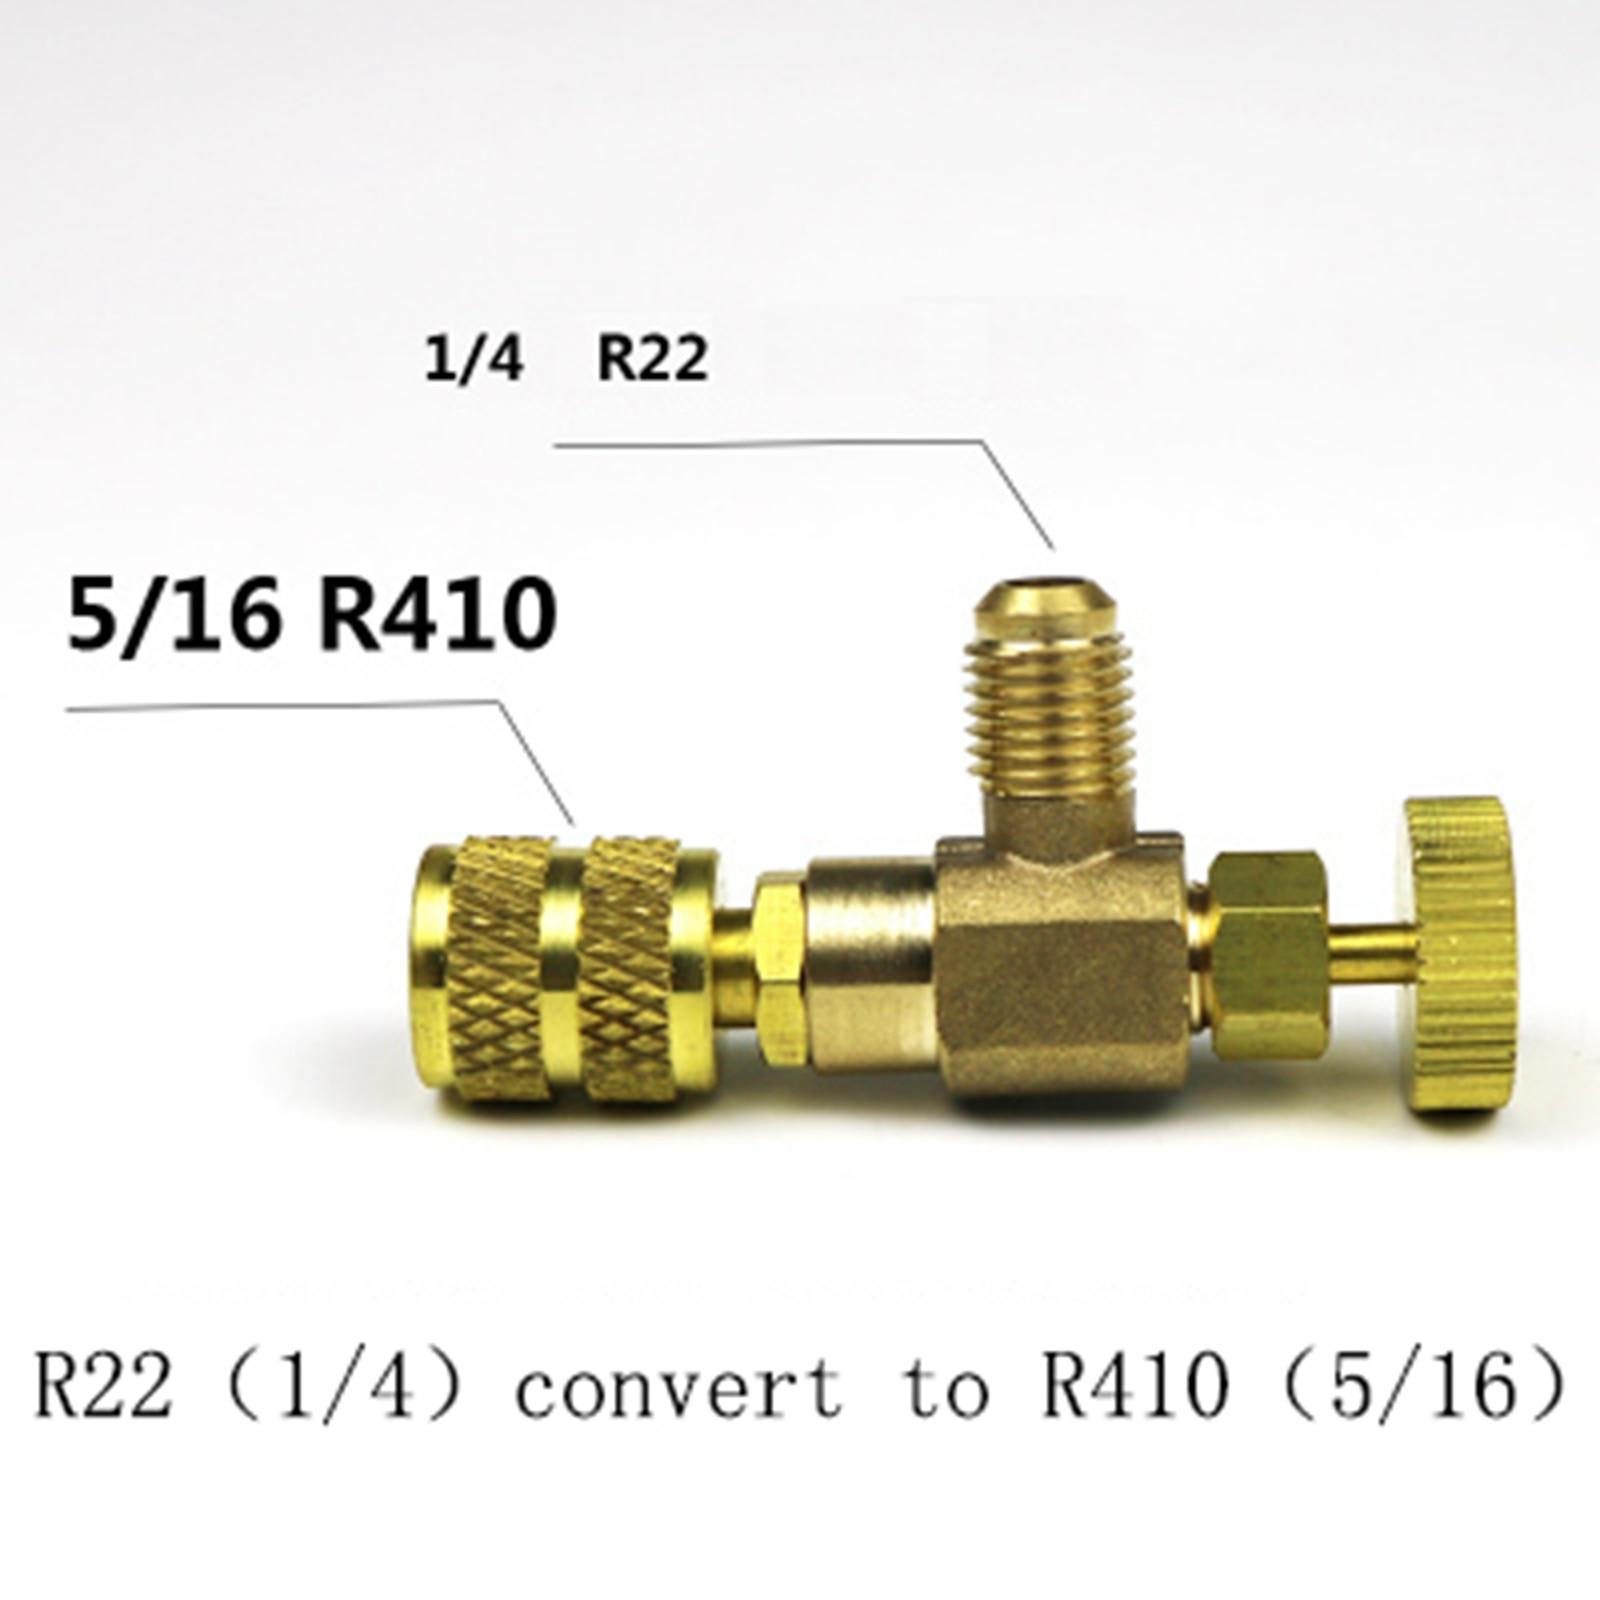 R22/R410 холодильное зарядное устройство адаптер соединитель жидкостное дополнение аксессуары домашний Холодильный инструмент для предохранительного клапана услуги